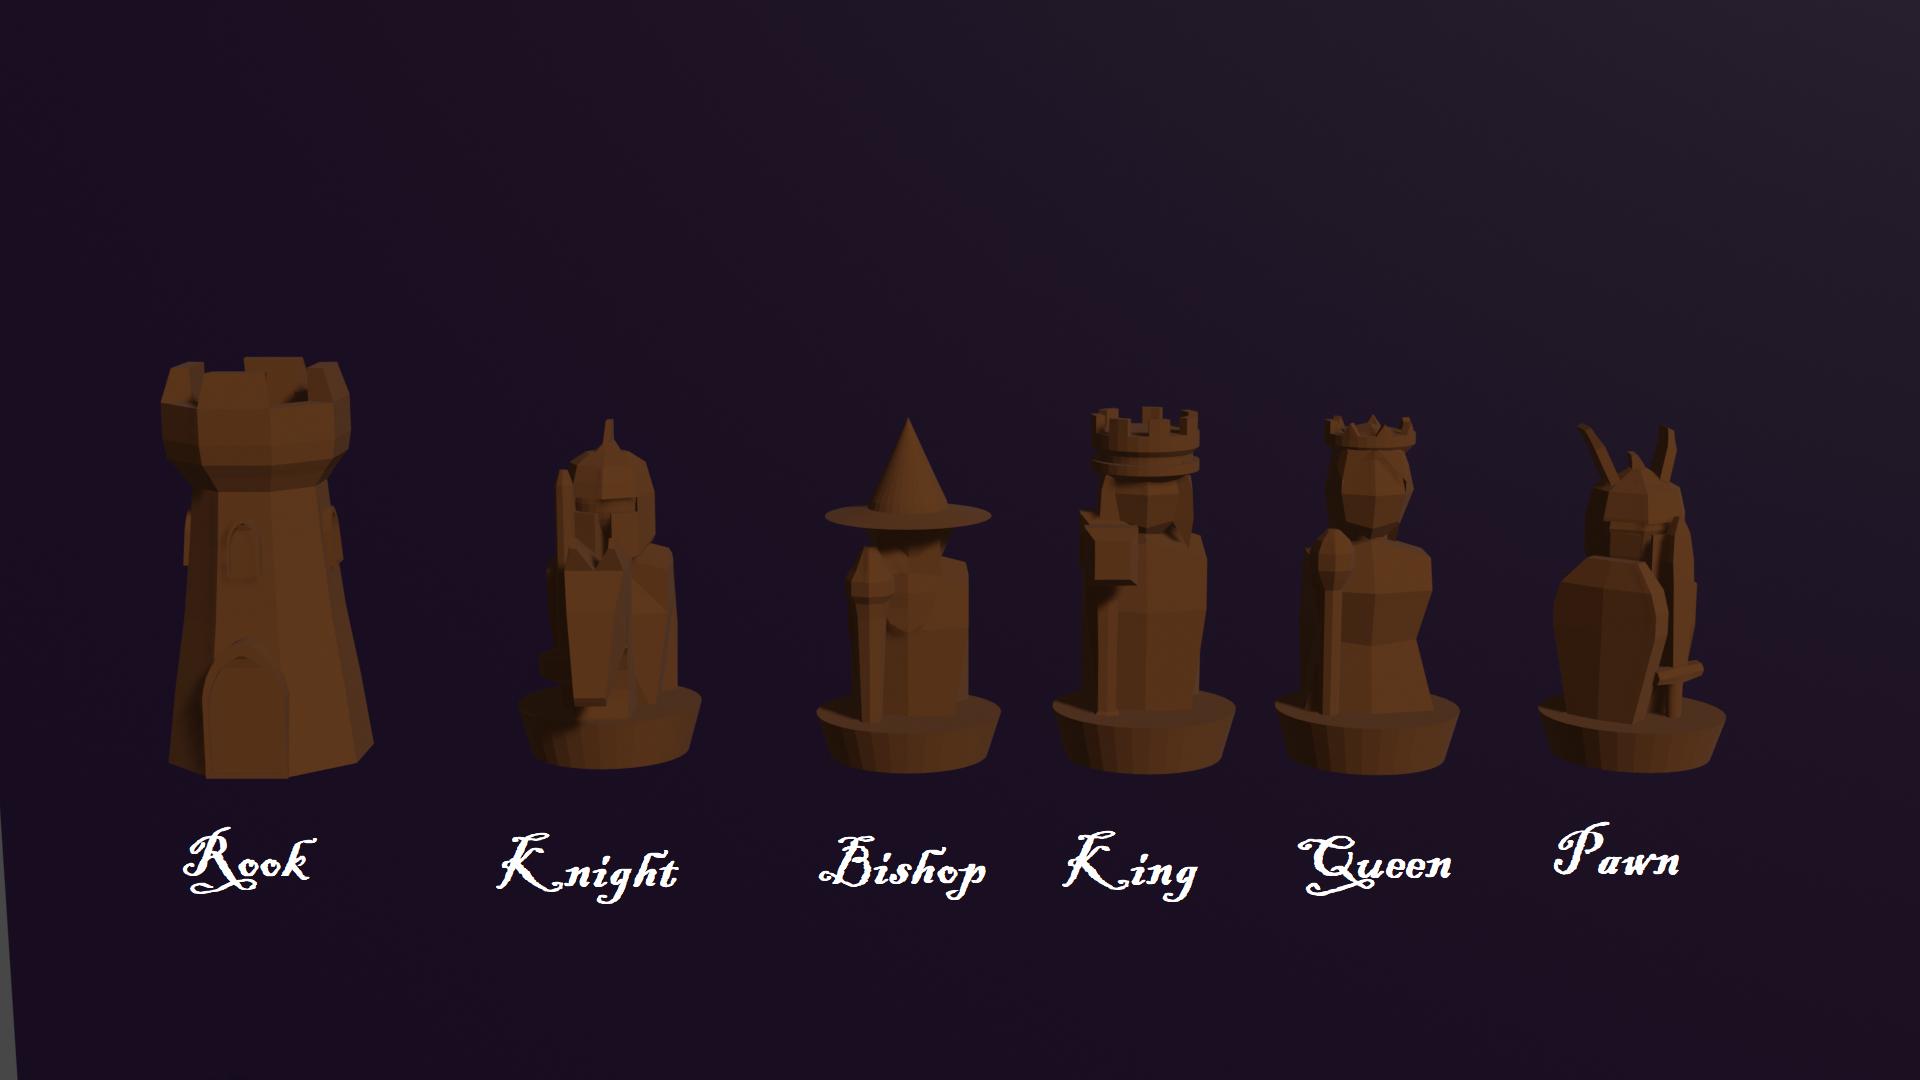 Chess Set.png Télécharger fichier STL gratuit Pièces d'échecs humaines personnalisées de fantaisie • Design pour imprimante 3D, virgilius1995